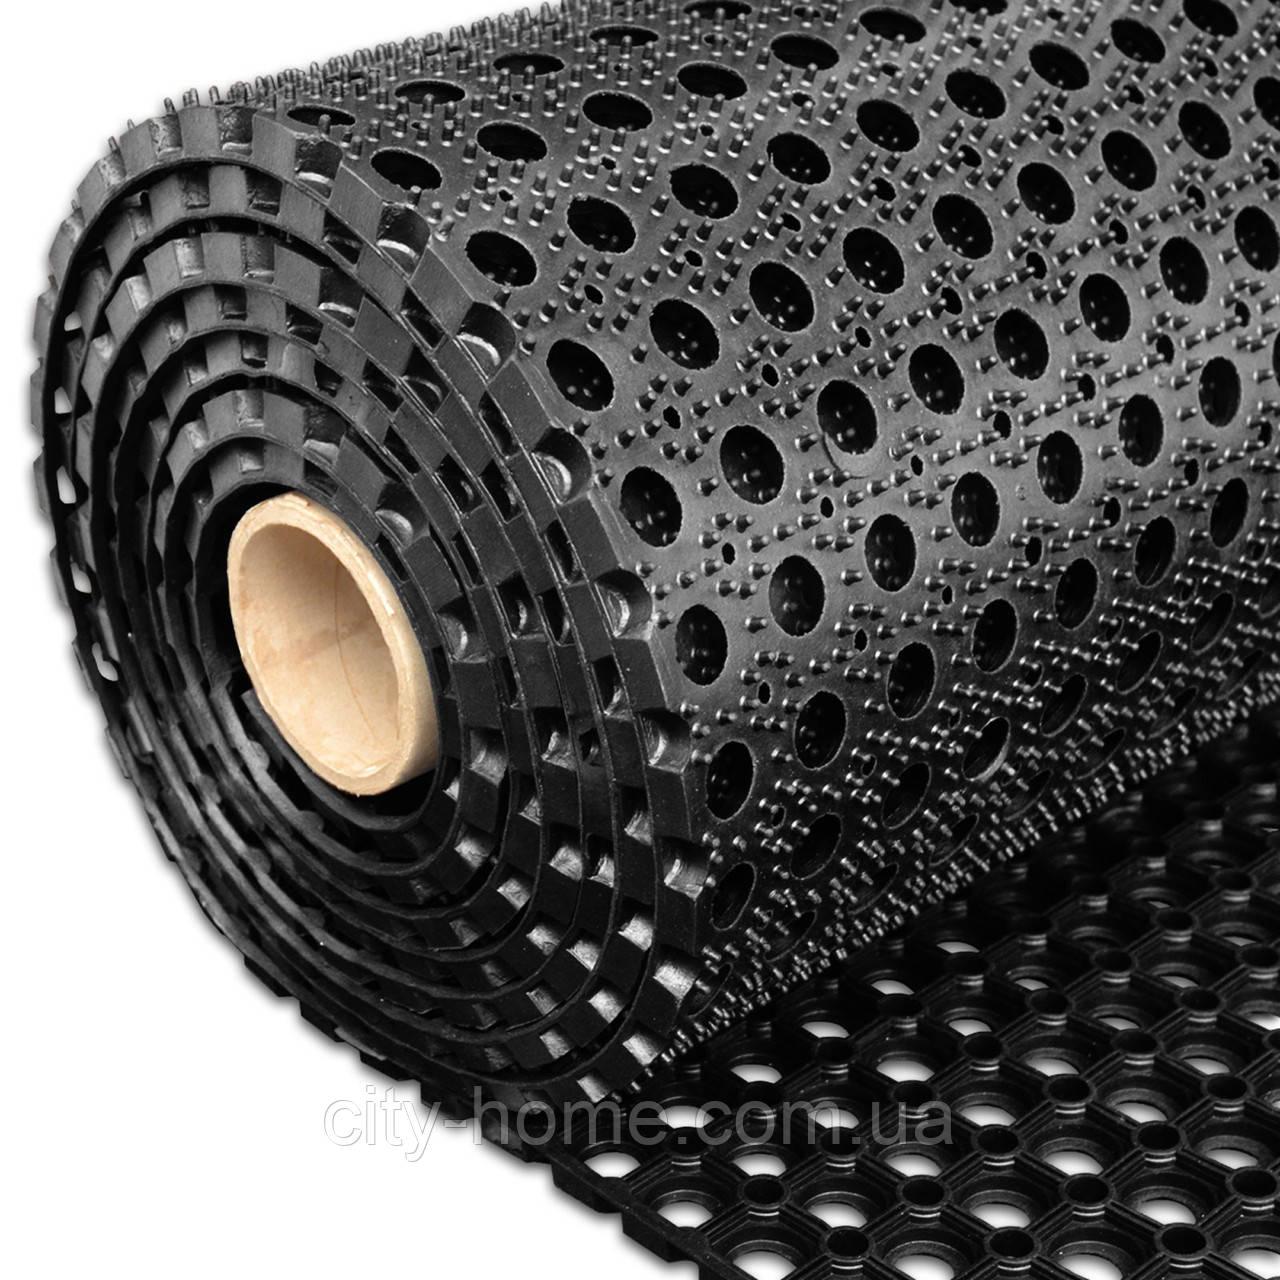 Коврик резиновый сота рулонный 100 х 900 х 1,6 см чёрный